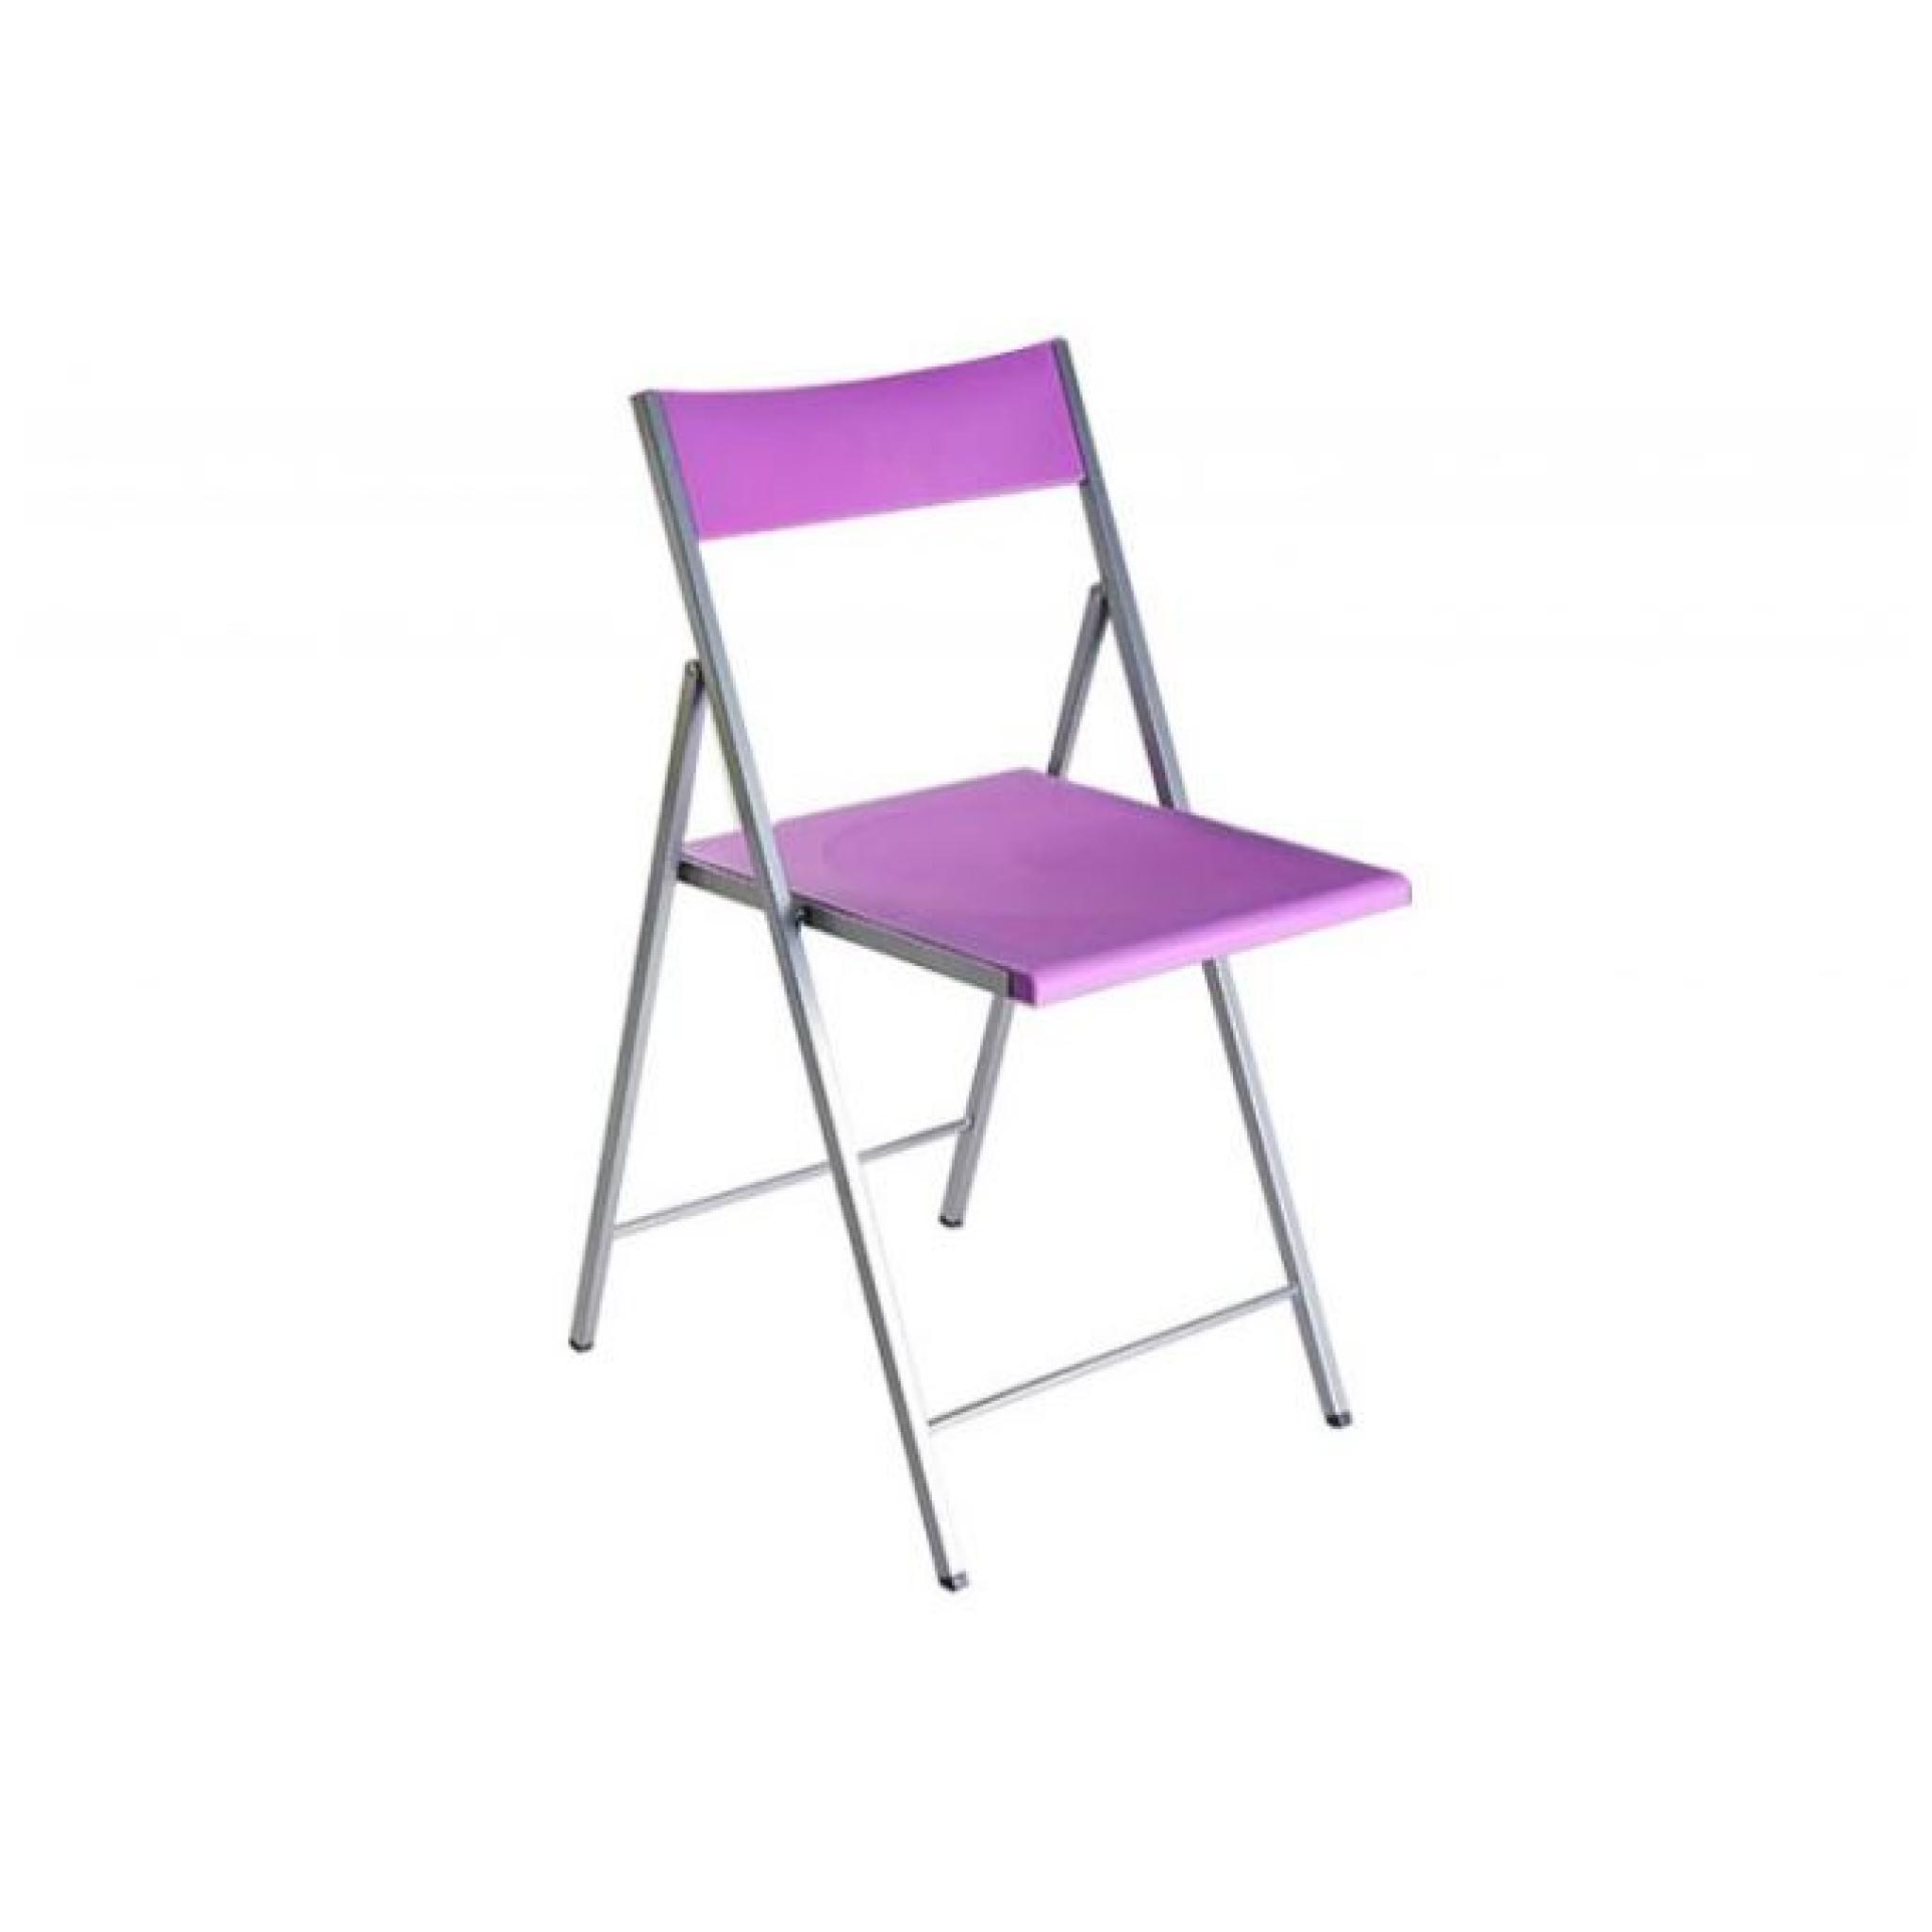 Chaise Pliante Violette Bilbao